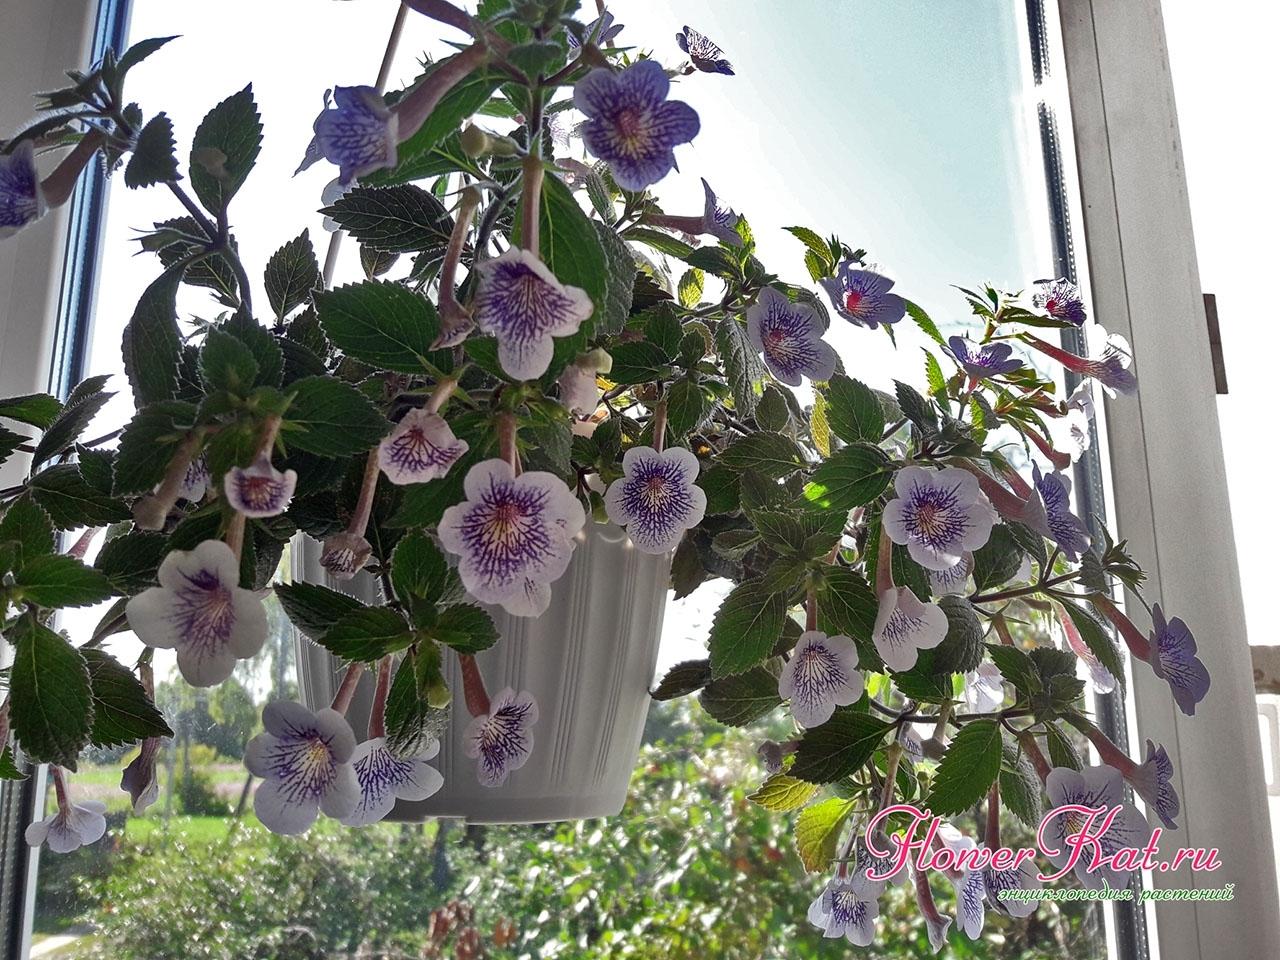 Ахименес Ambroise Verschaffelt - Амбросия Вершафель 100 р. - Очень быстро нарастает, цветет практически постоянно, образует множество здоровых ризом